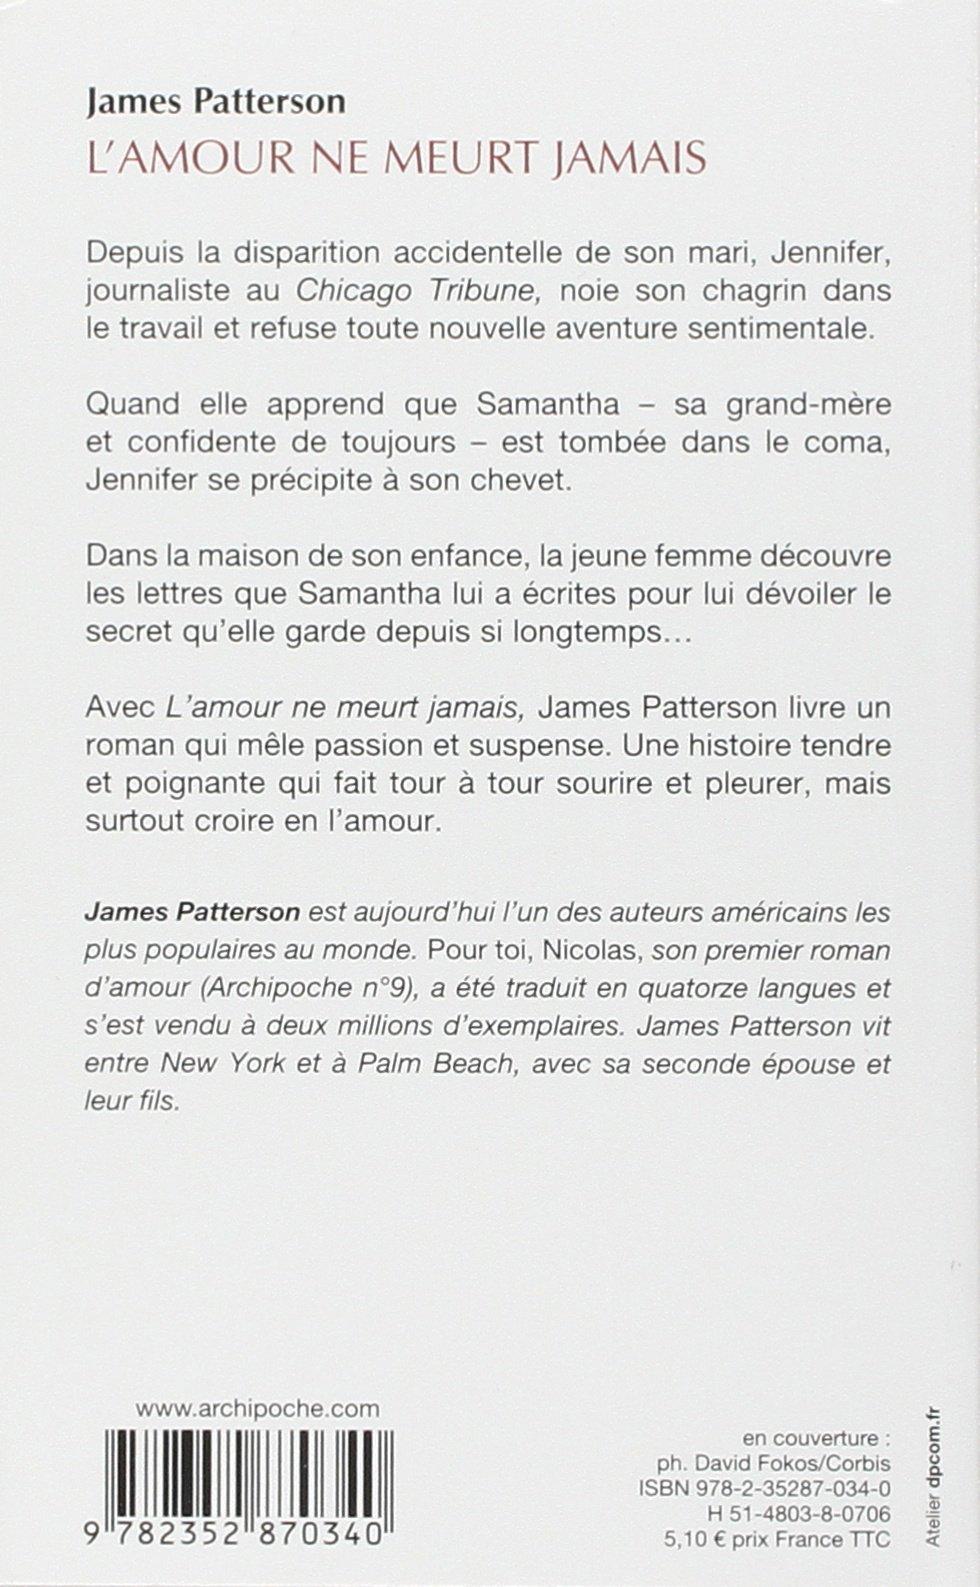 Lamour Ne Meurt Jamais James Patterson 9782352870340